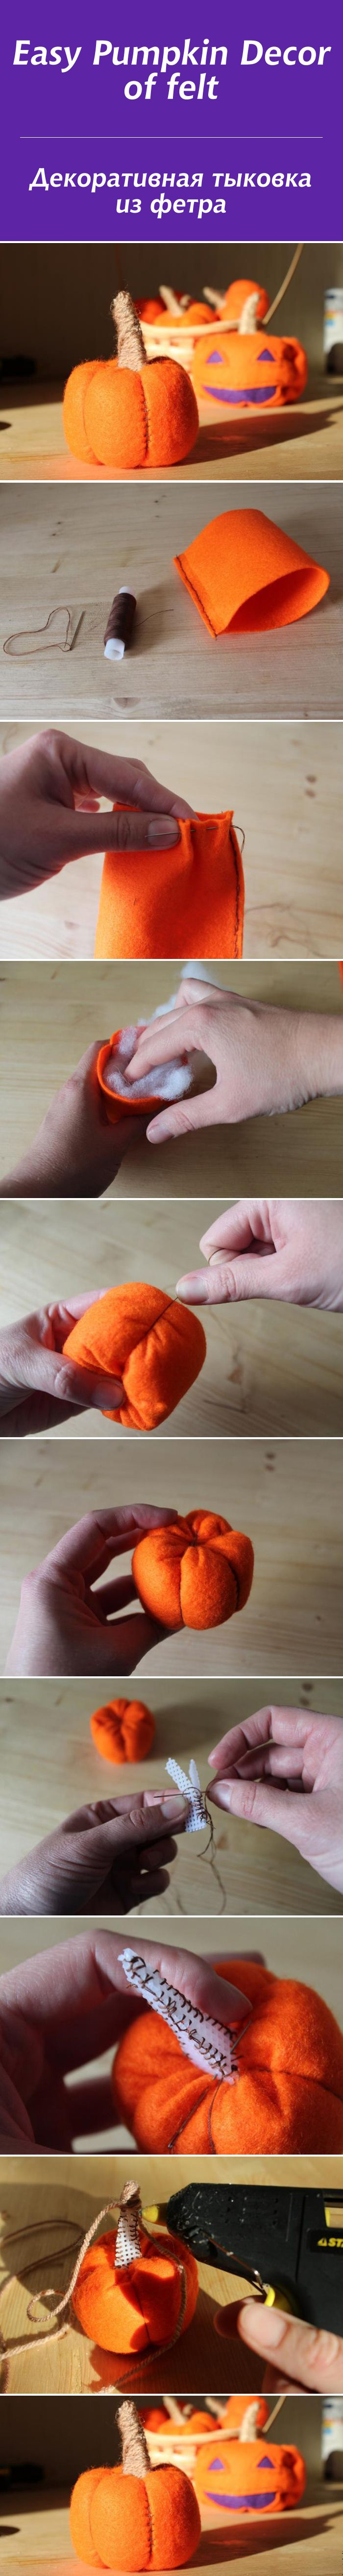 поделки из декоративной тыквы своими руками с инструкцией